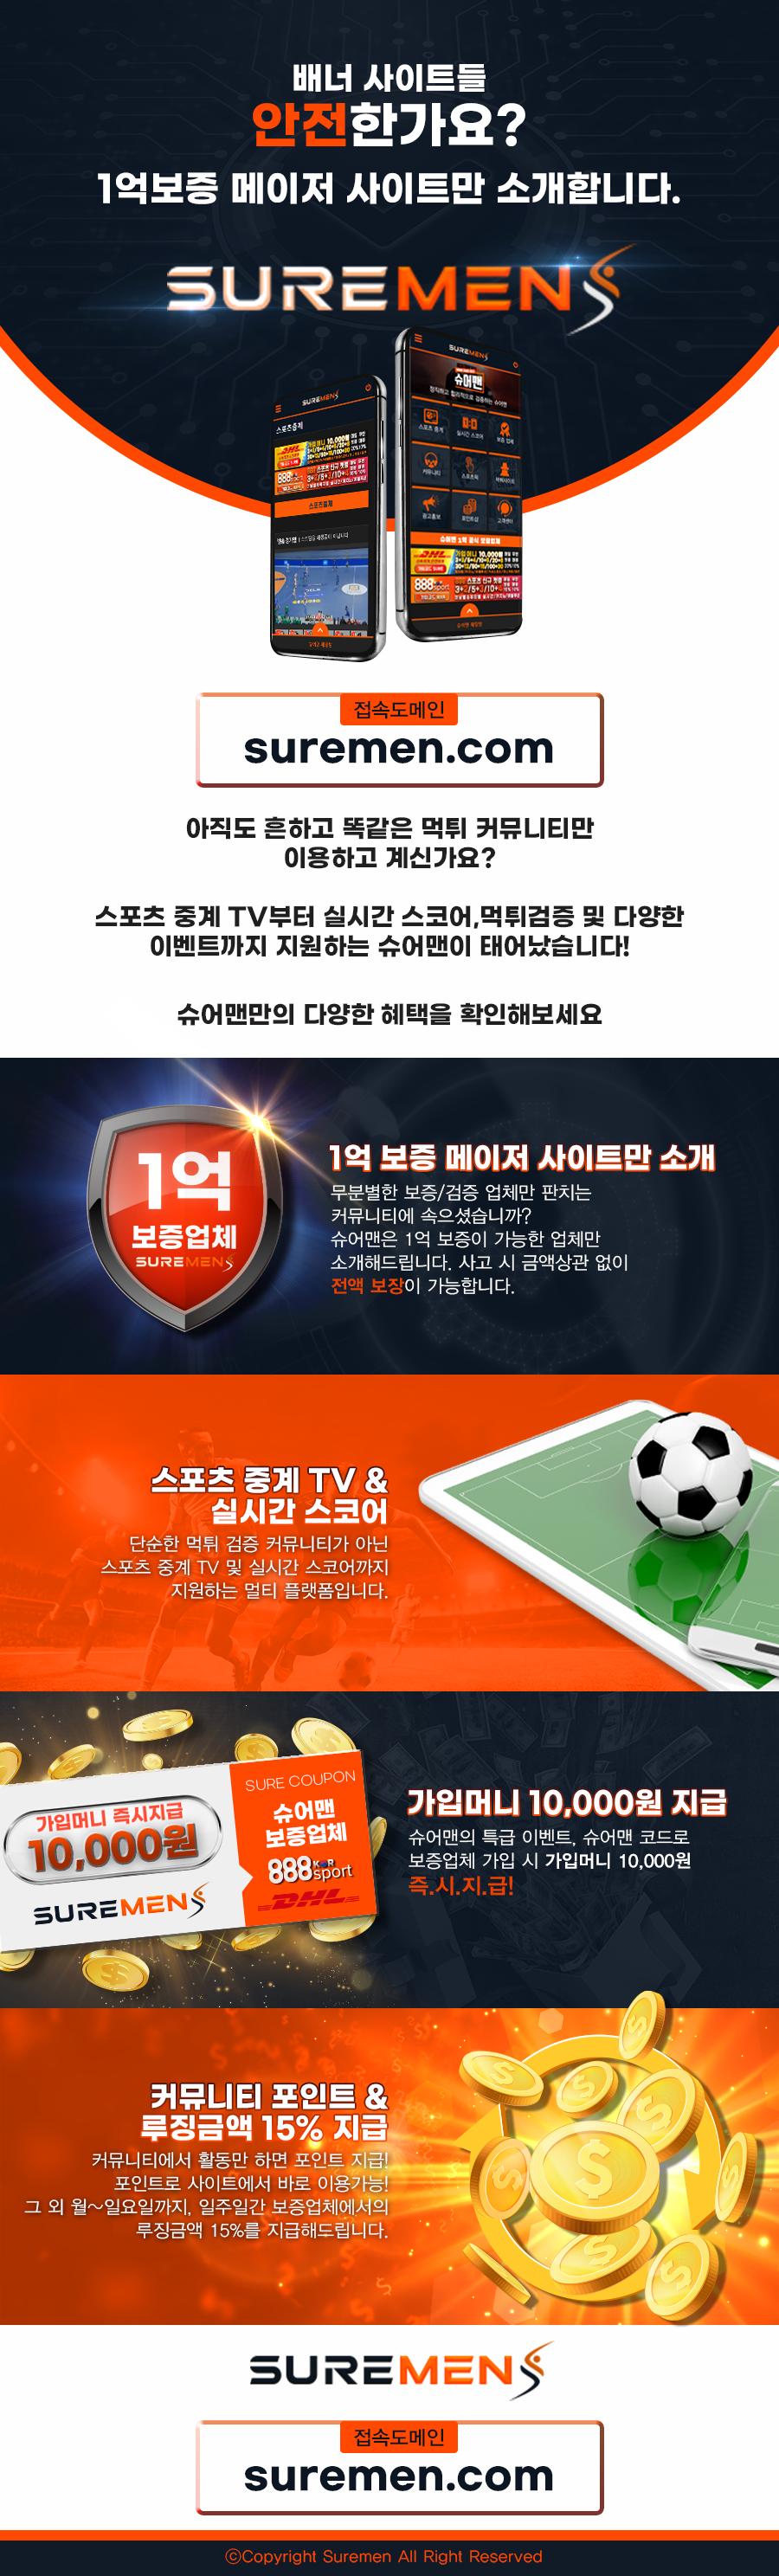 ✅가입머니 1만원 증정✅스포츠 실시간 중계✅ 슈,어,맨 1억보증 먹튀검증 커뮤니티✅